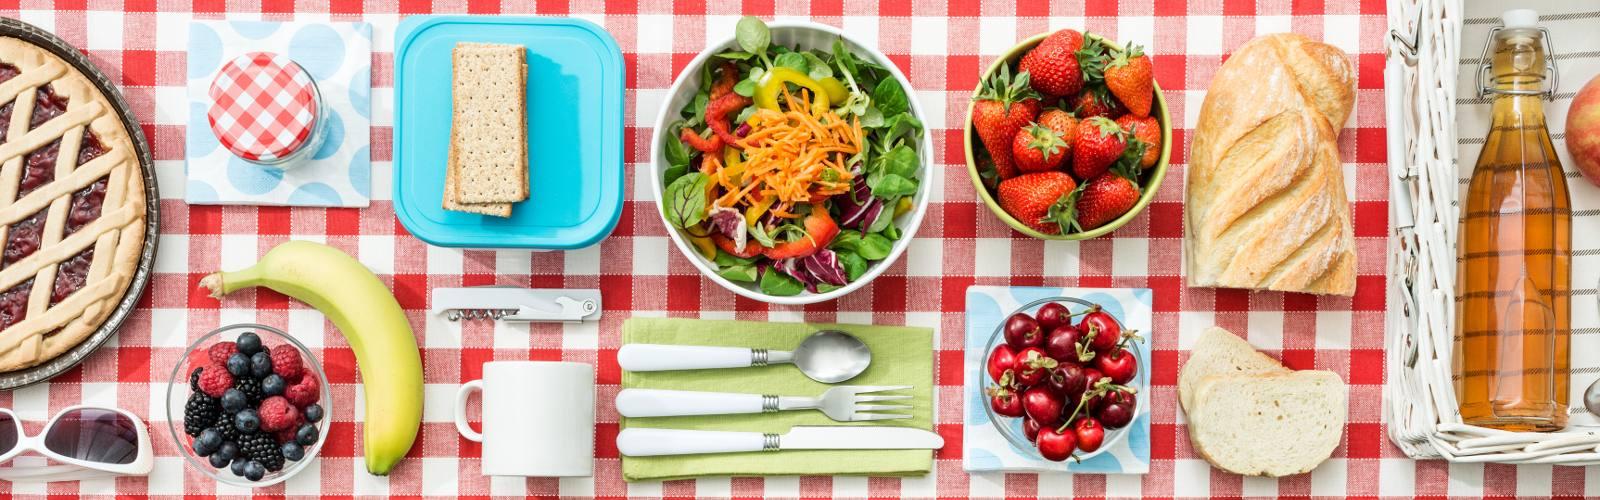 Going zero waste alfresco! How to enjoy a plastic-free picnic...